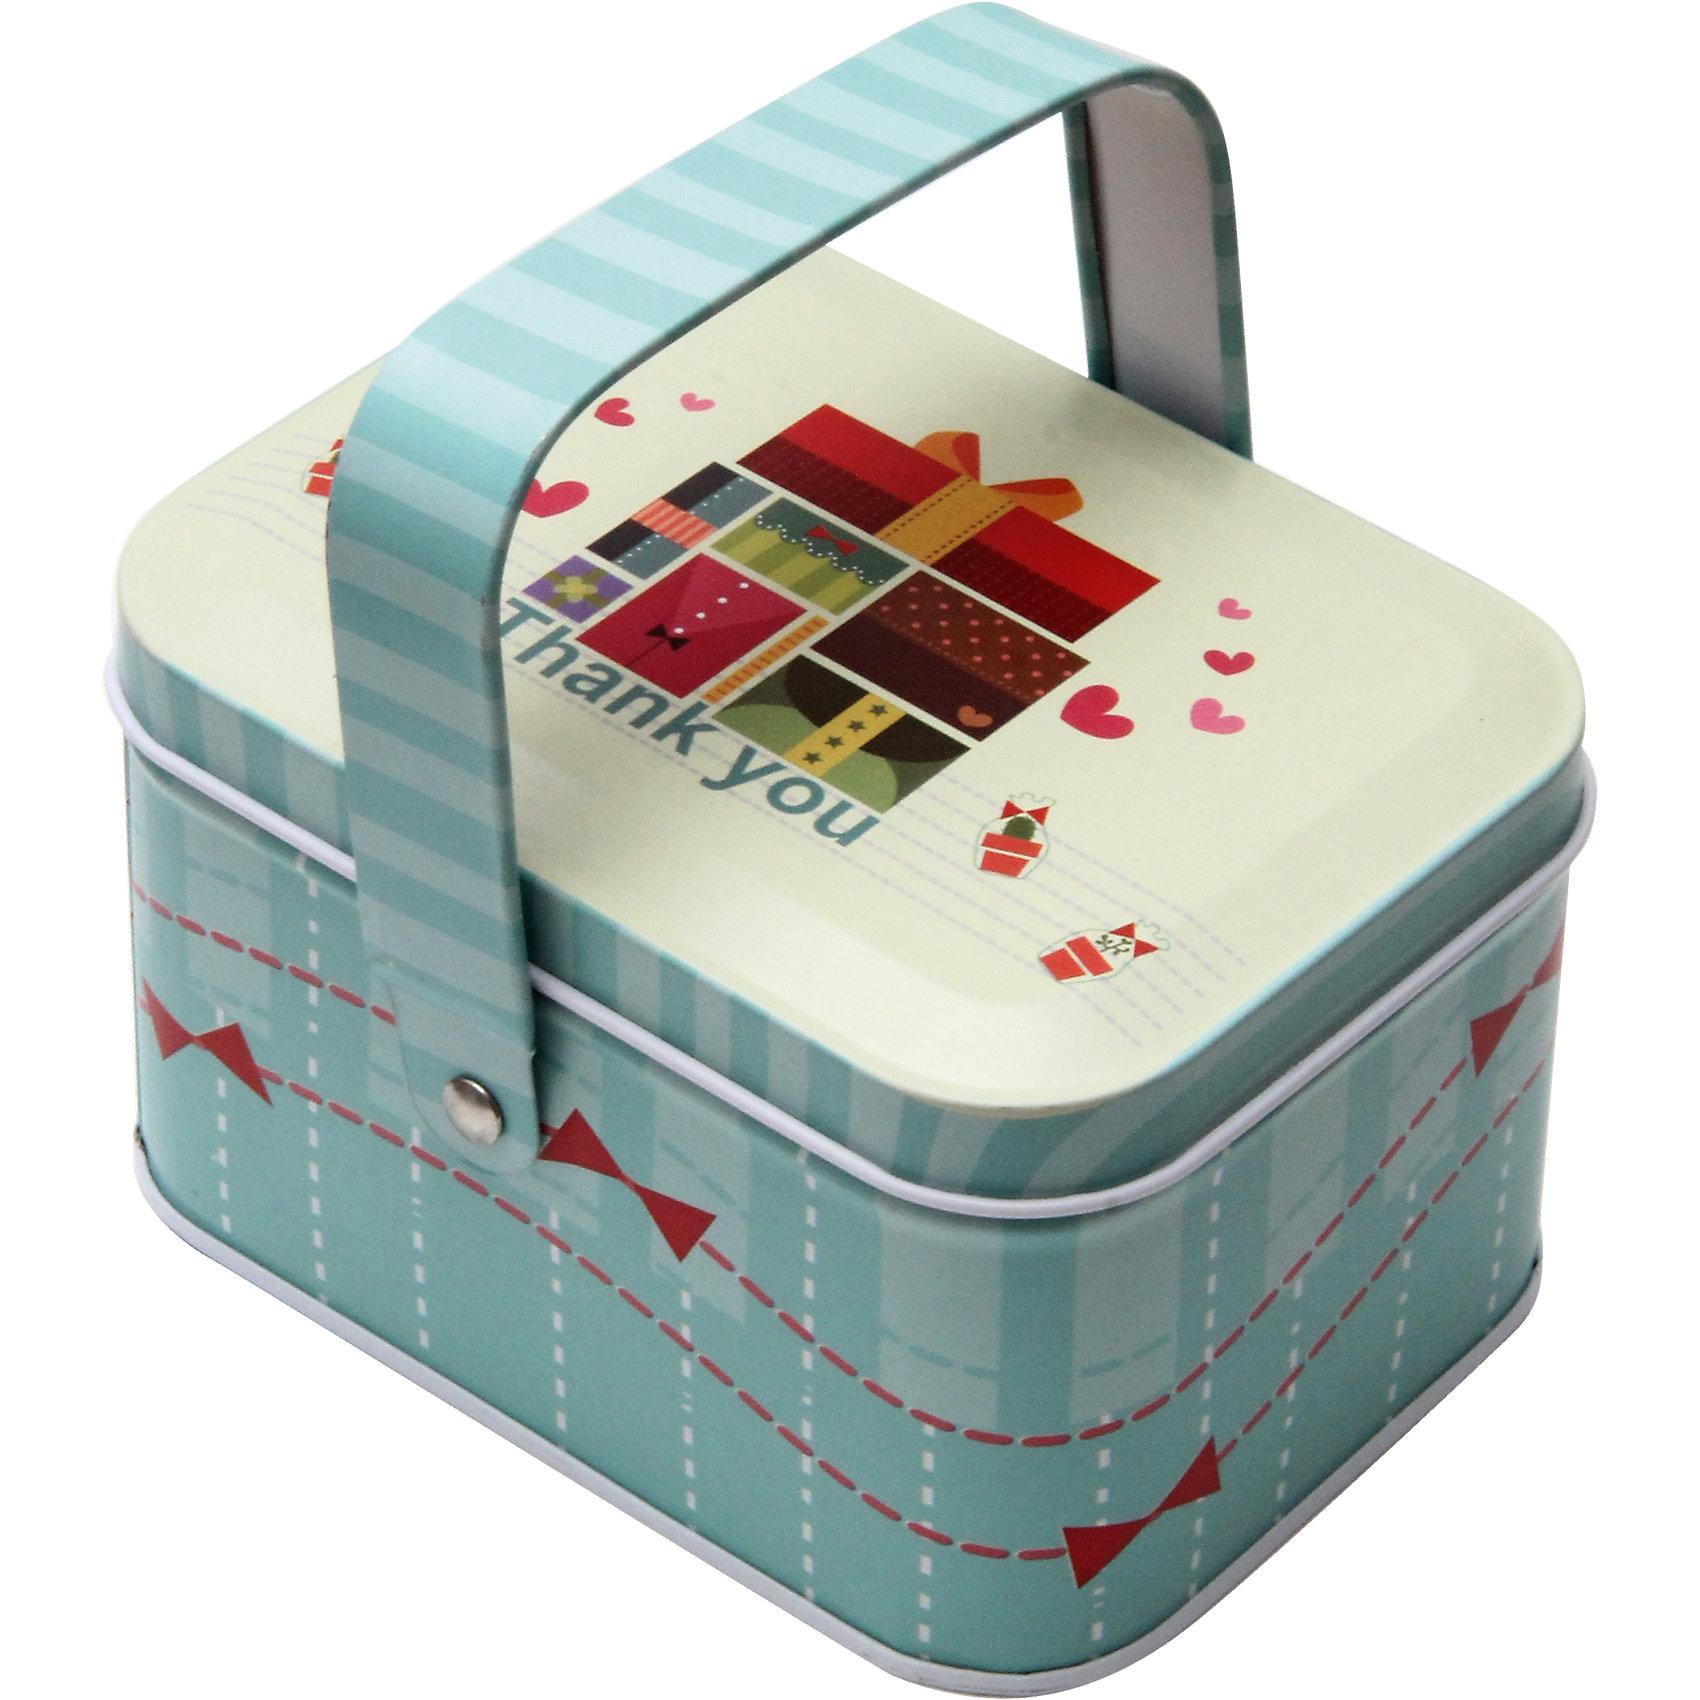 Коробка для мелочей Подарки 10,5*8*6 смПредметы интерьера<br>Удобная и практичная коробка для мелочей Подарки позволит компактно разместить различные мелочи и не тратить время на их поиски. Коробка выполнена из черного окрашенного металла, имеет привлекательный дизайн и украшена изображениями коробочек с подарками,  оснащена ручкой для переноски.<br><br>Дополнительная информация:<br><br>- Материал: черный окрашенный металл.<br>- Размер коробки: 10,5 х 8 х 6 см.<br>- Вес: 92 гр.<br><br>Коробку для мелочей Подарки, Феникс-презент, можно купить в нашем интернет-магазине.<br><br>Ширина мм: 60<br>Глубина мм: 80<br>Высота мм: 110<br>Вес г: 92<br>Возраст от месяцев: 36<br>Возраст до месяцев: 2147483647<br>Пол: Унисекс<br>Возраст: Детский<br>SKU: 4501177